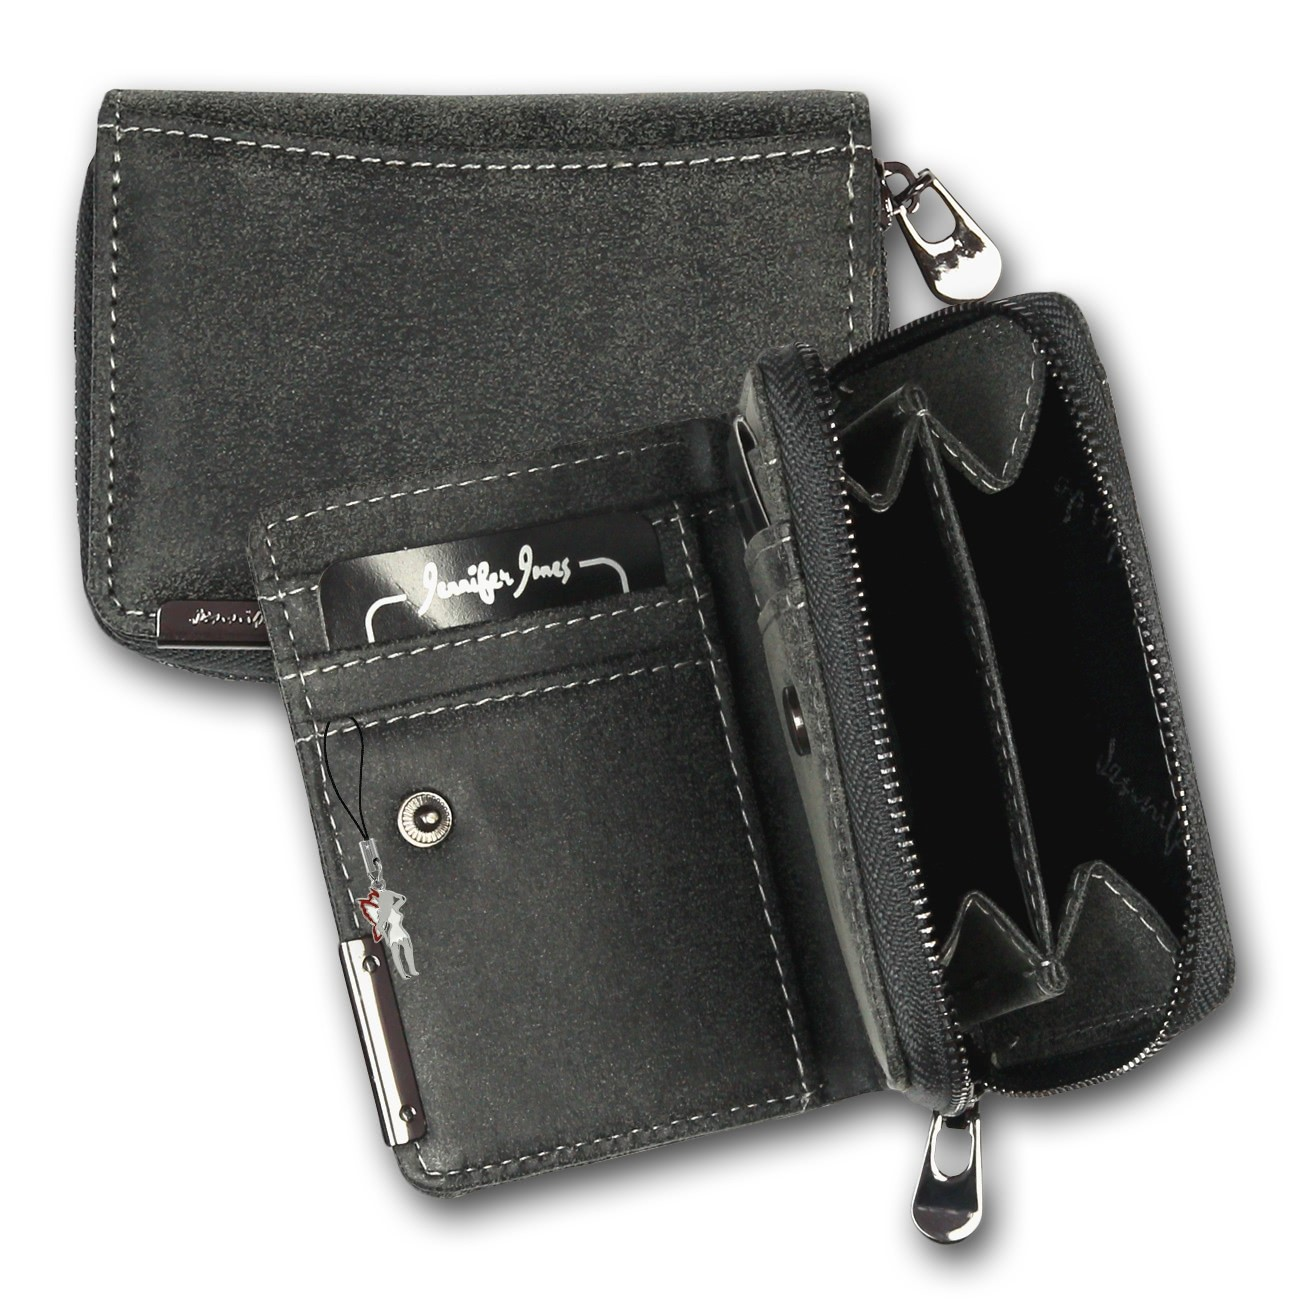 Minibörse Kunstleder schwarz Damen Geldbörse Portemonnaie Jennifer Jones OPJ126S